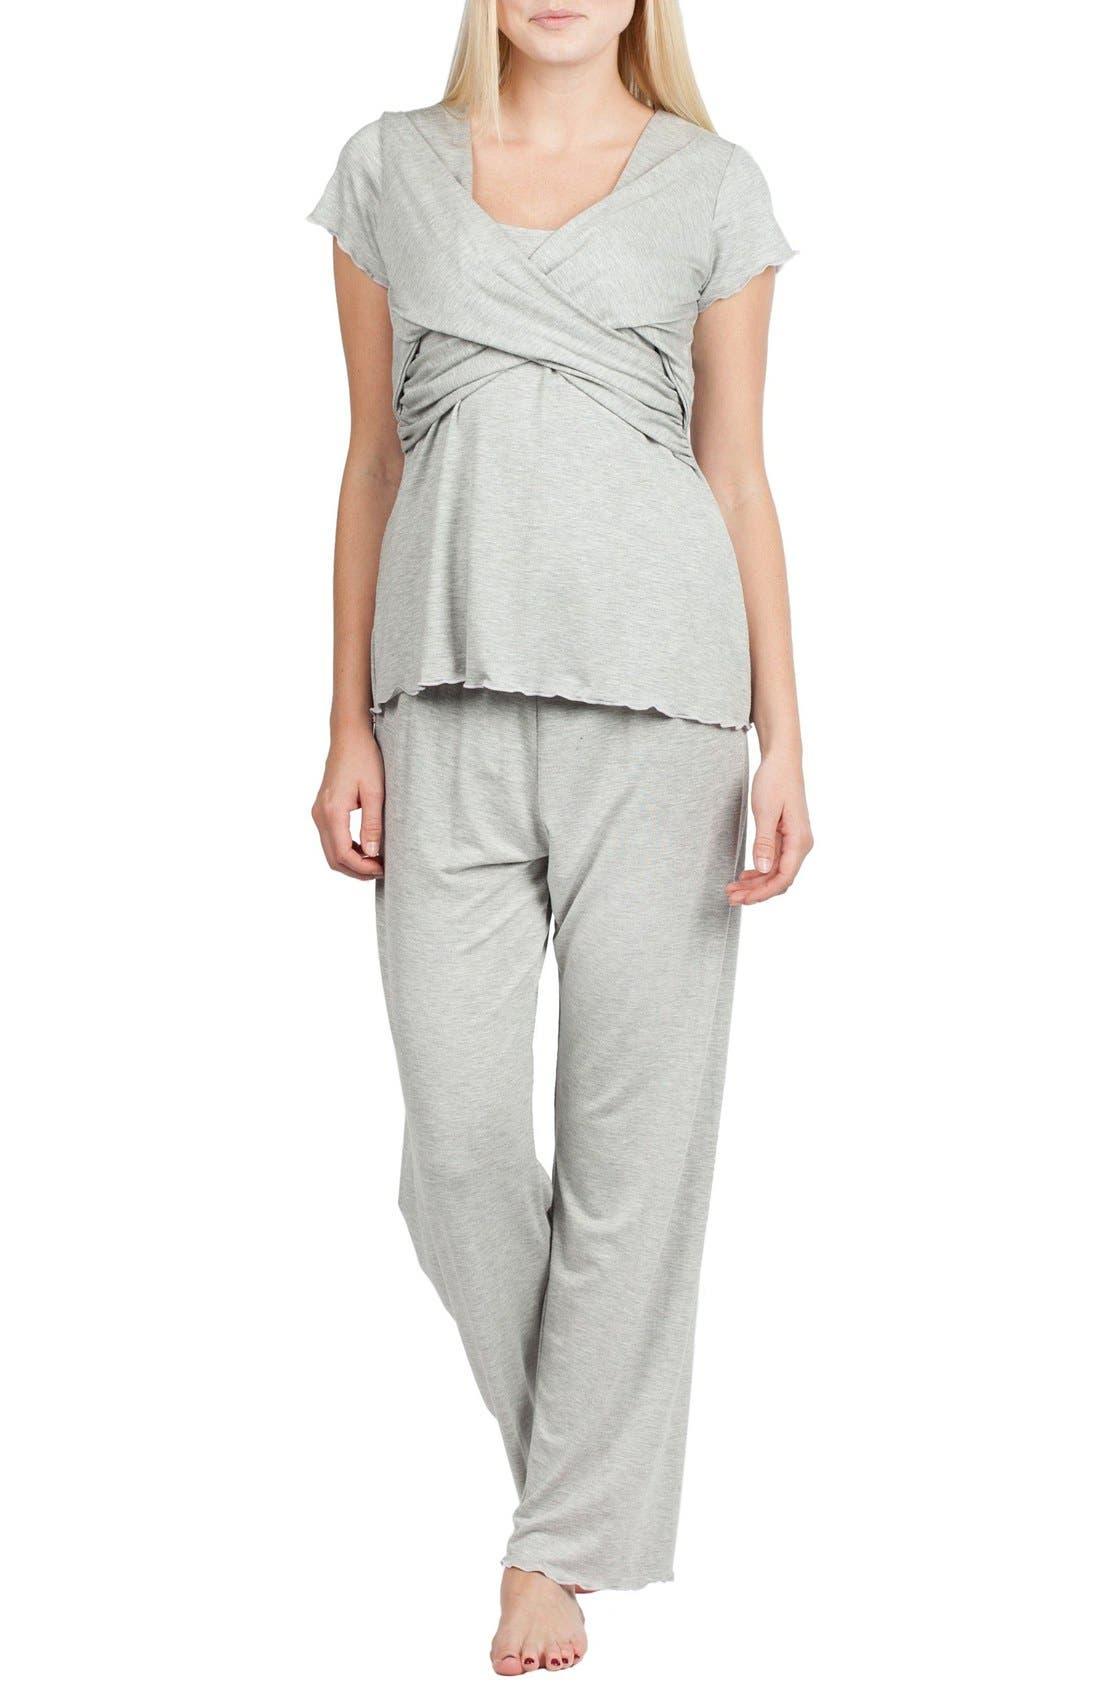 Savi Mom Sophia Maternity/nursing Pajamas, Grey